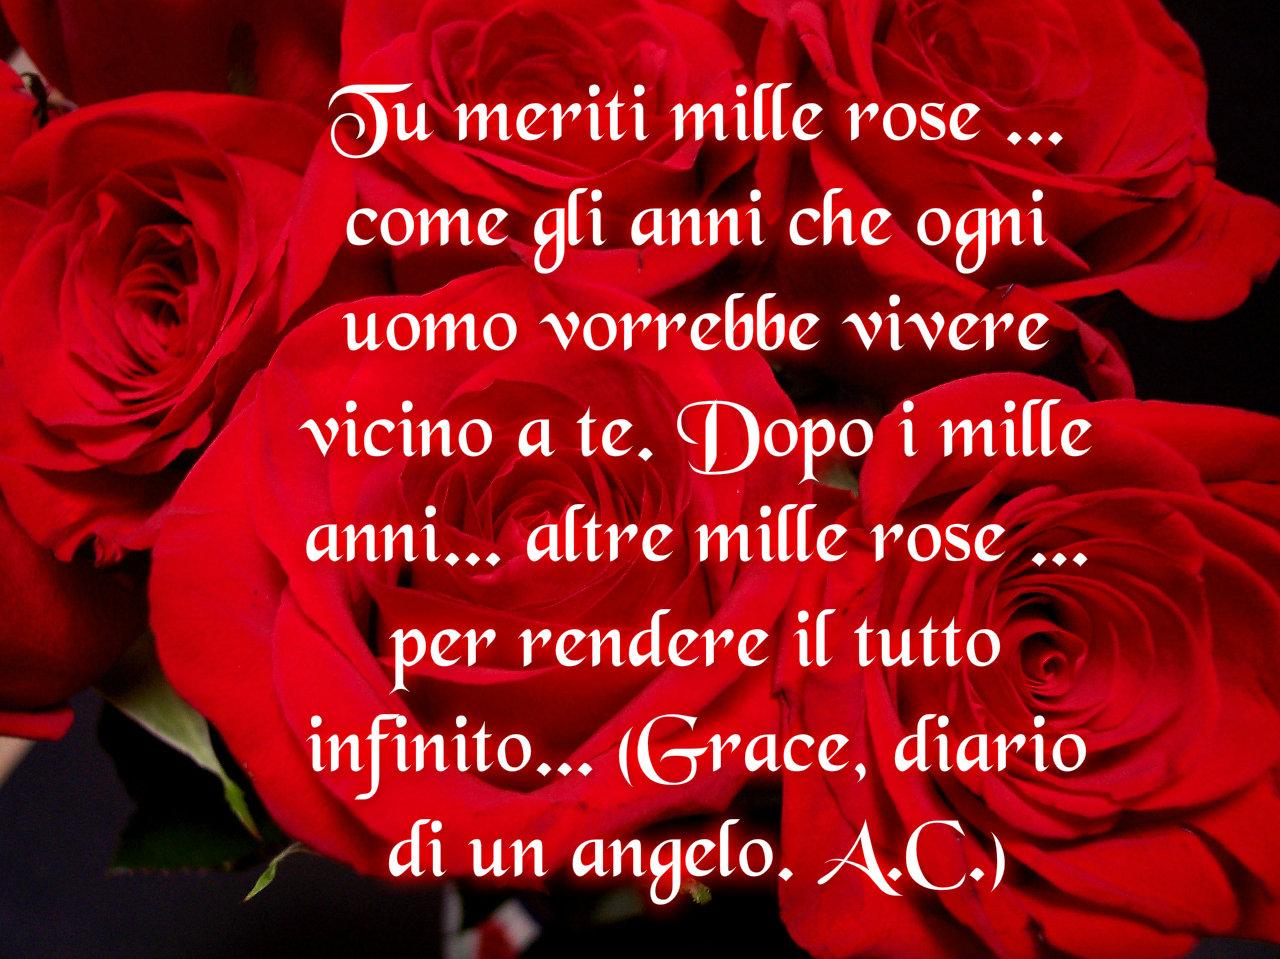 Grace, diario di un Angelo